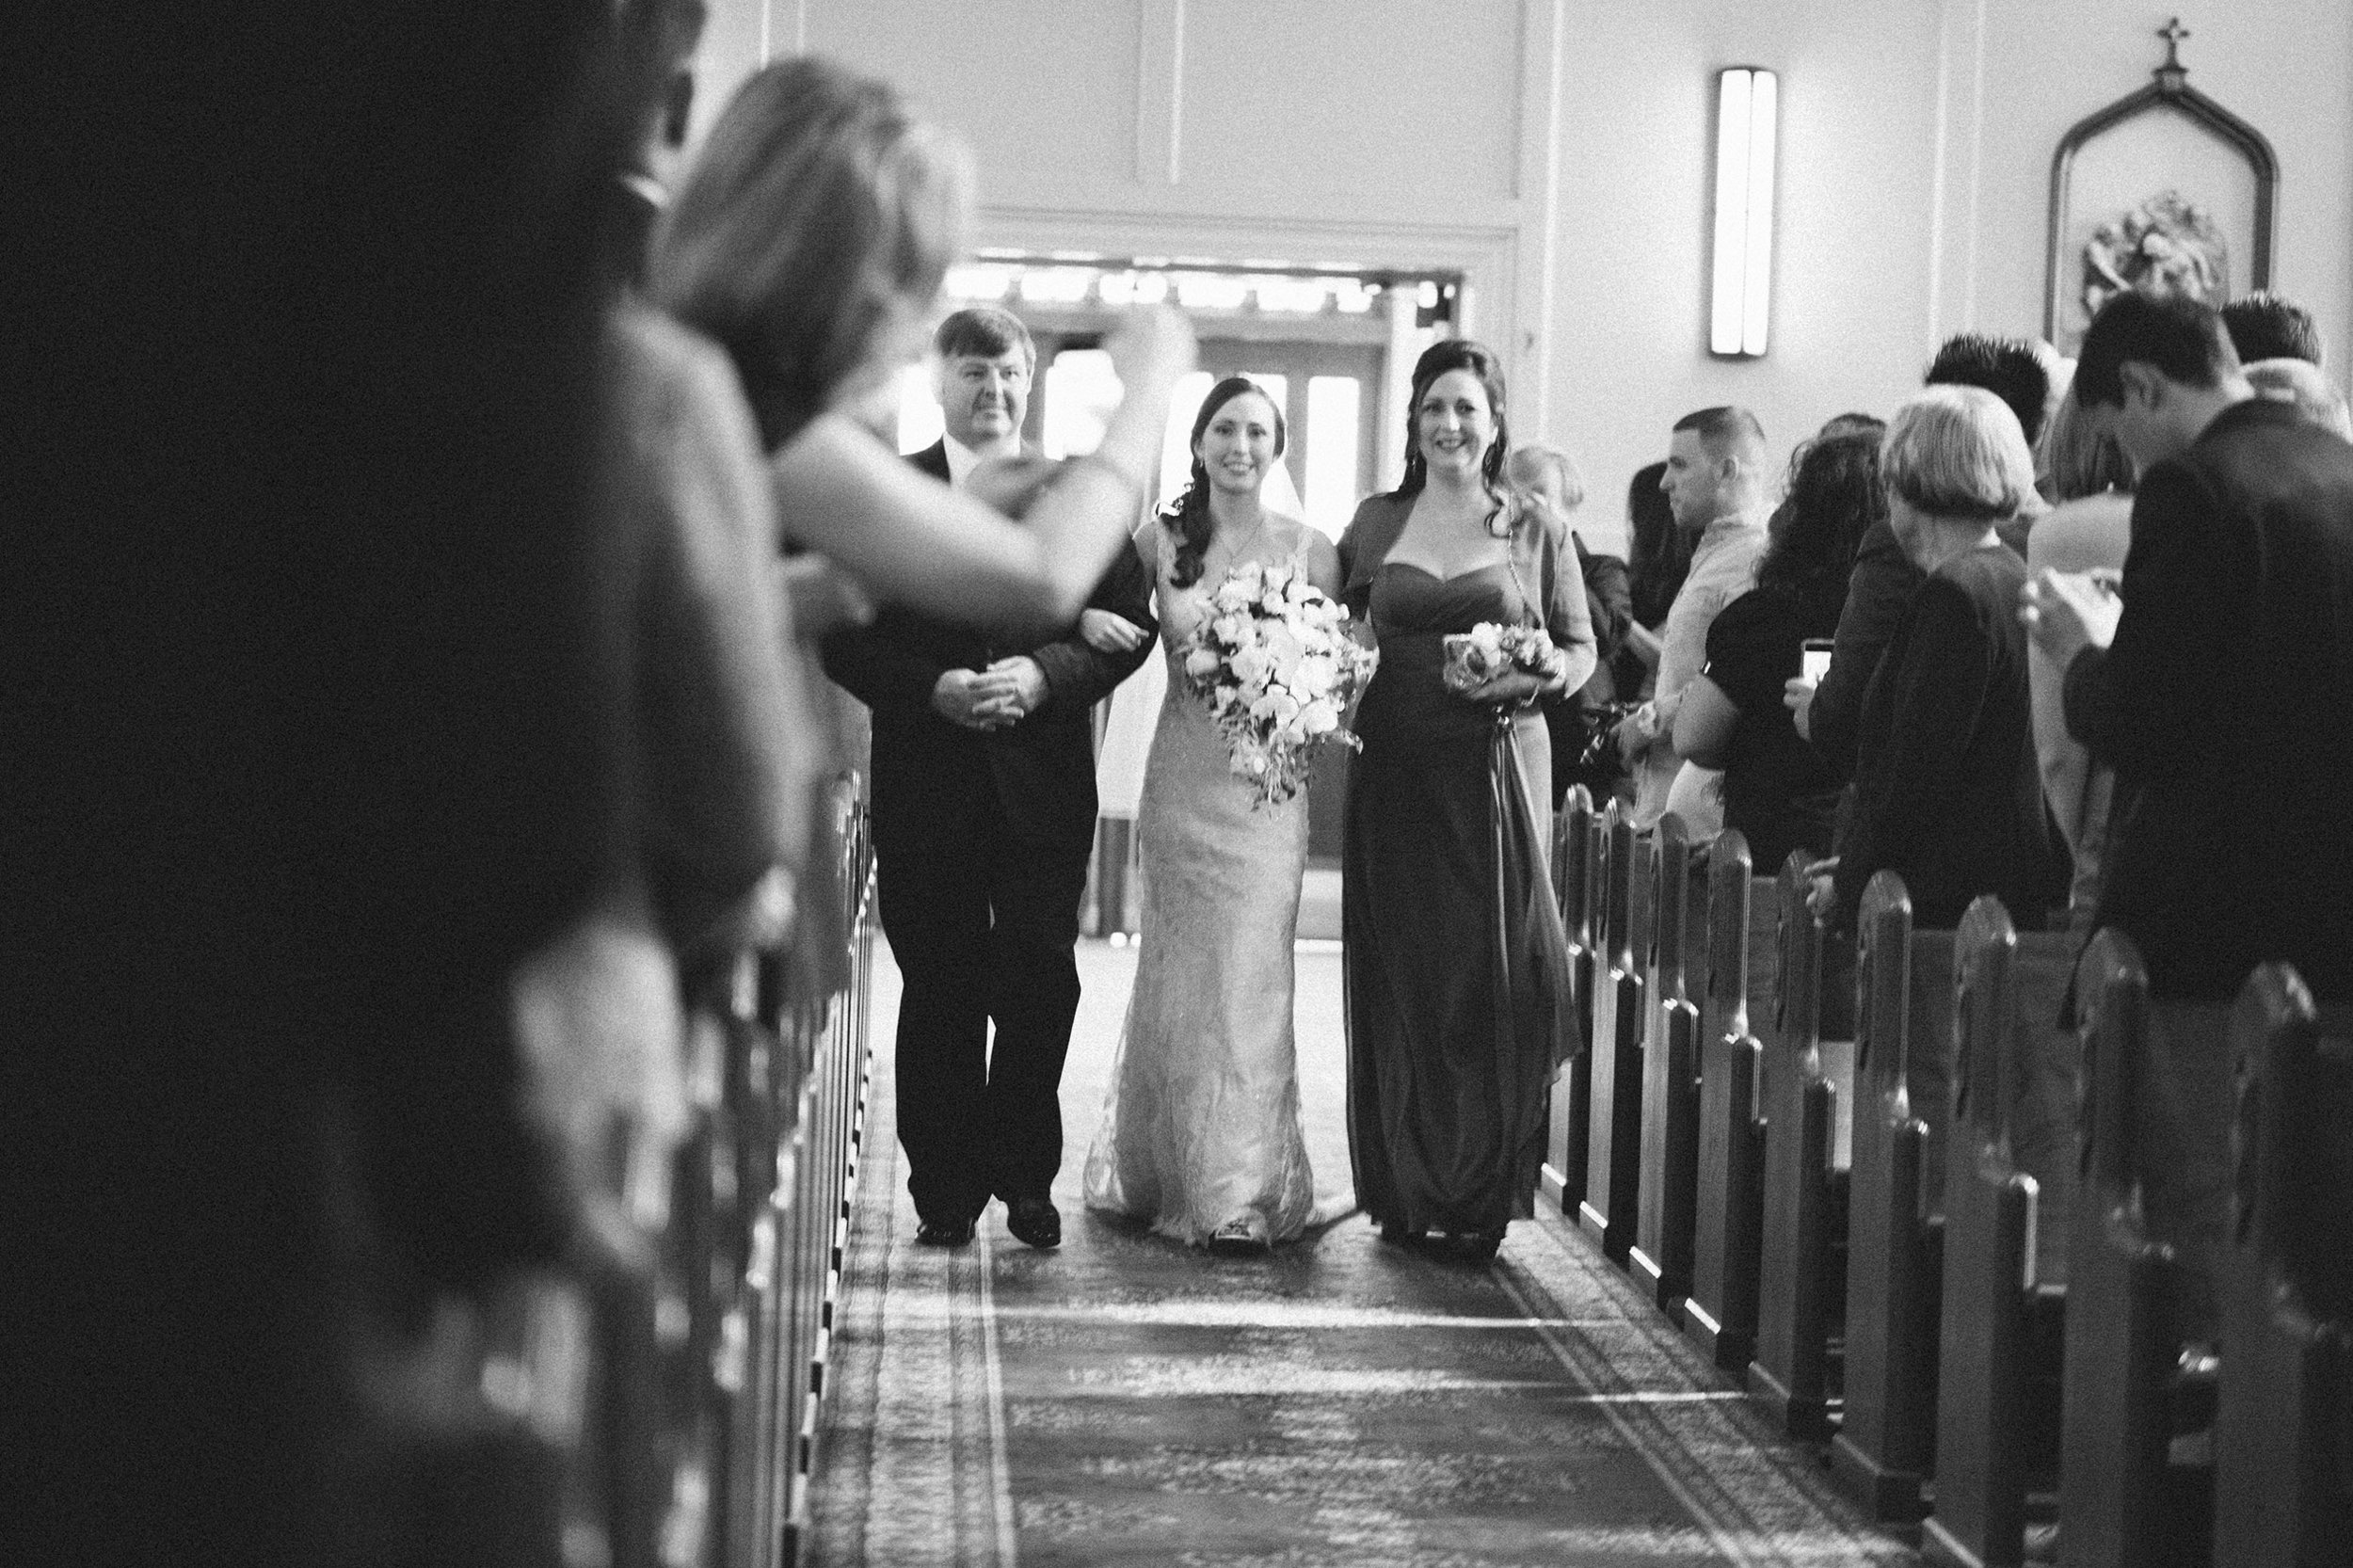 Nemours-Delaware-Art-Museum-Fall-Film-Wedding-Photographer-022.jpg